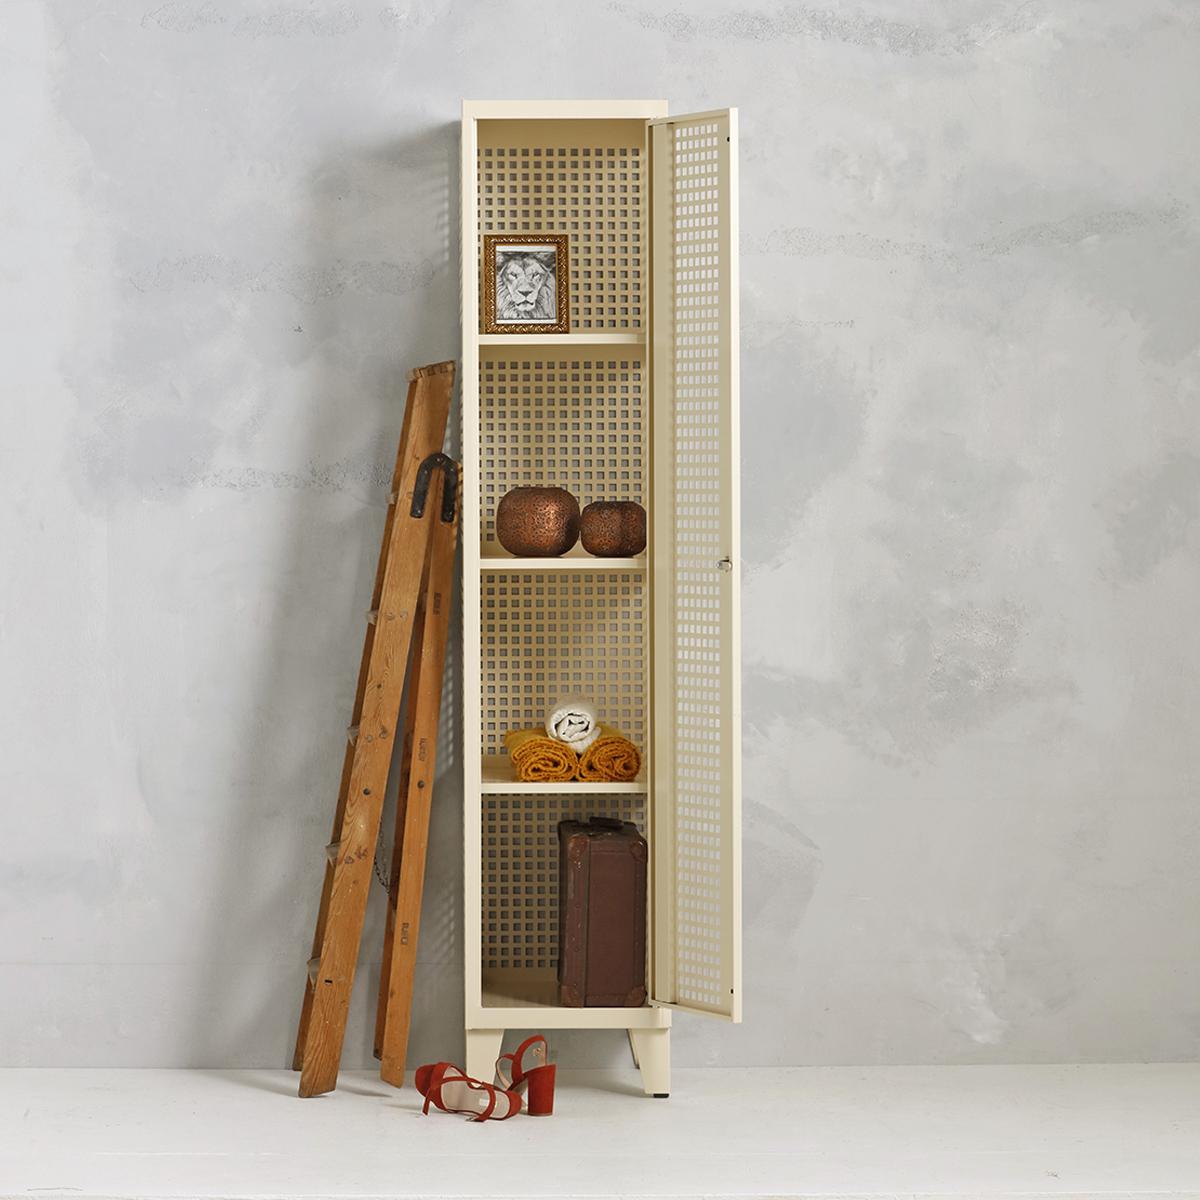 Geperforeerde lockerkast planken - beige - 1 deurs - 194x40x50 cm - PLS-101